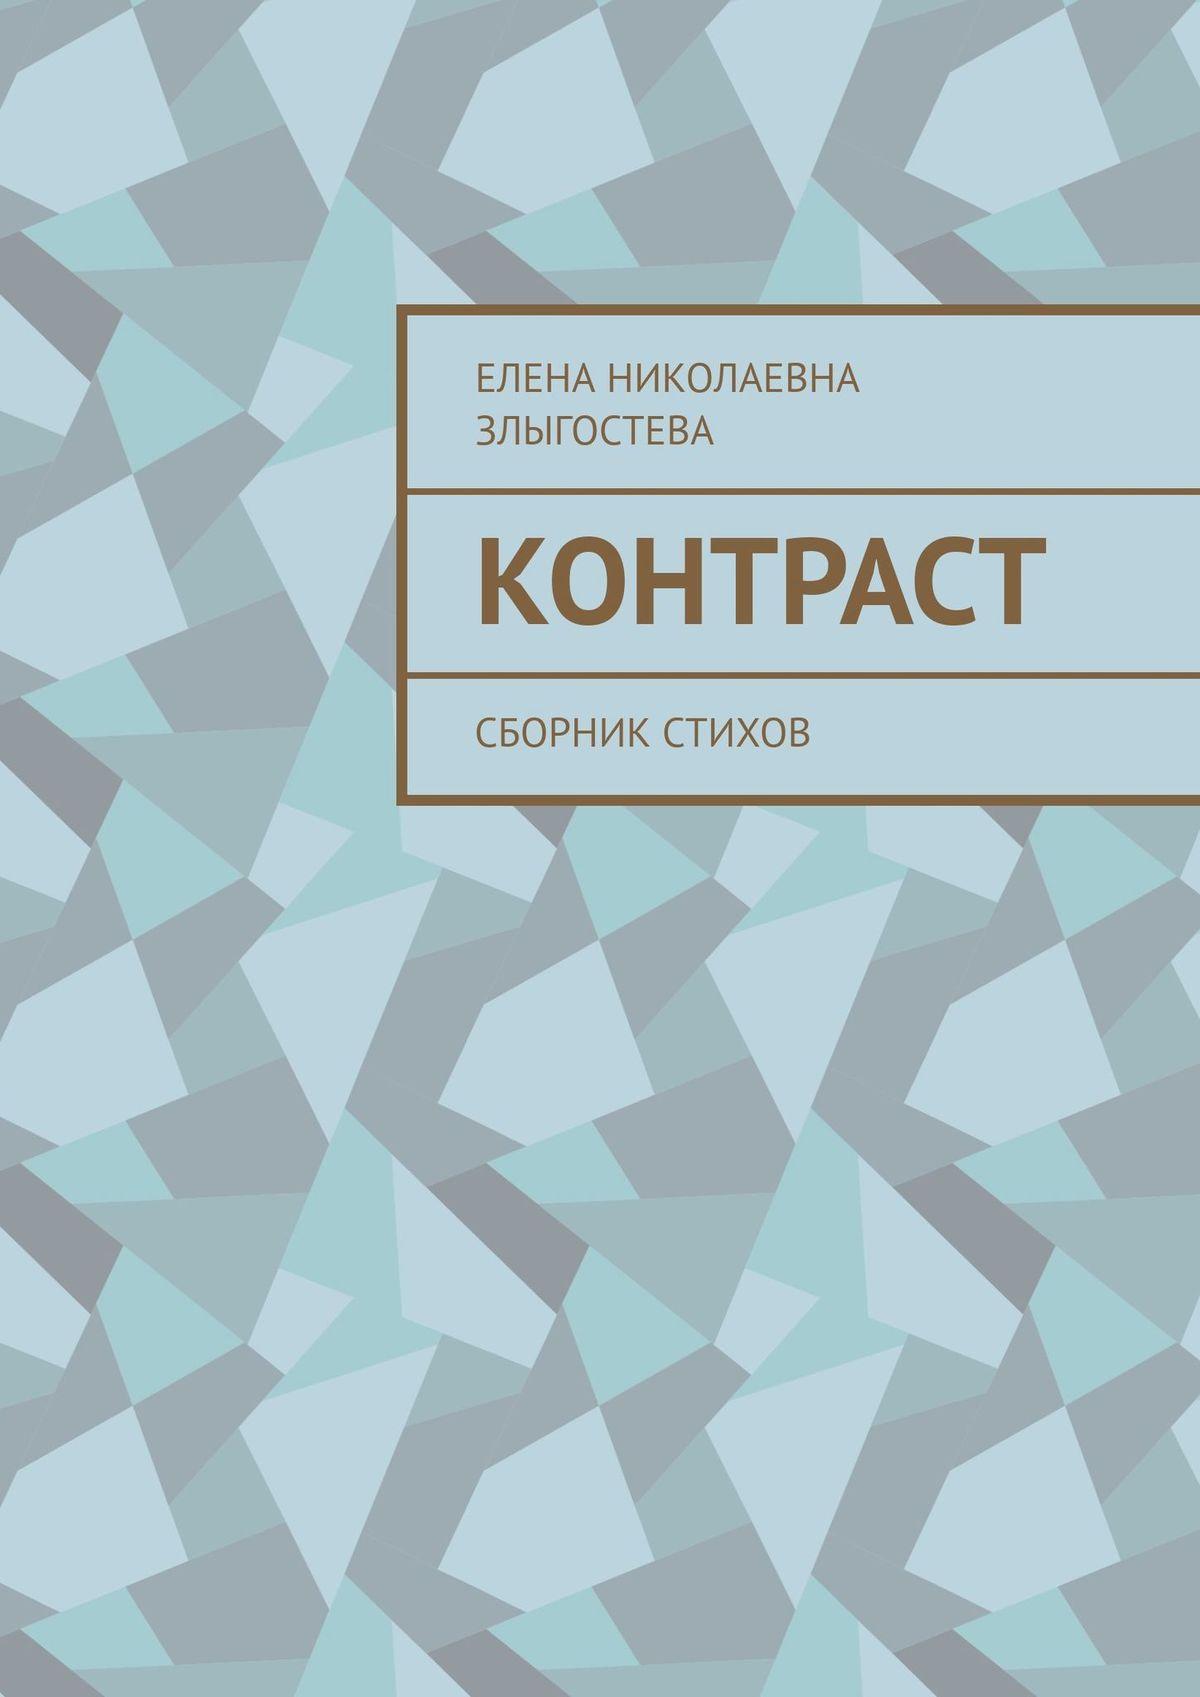 Елена Николаевна Злыгостева Контраст анна дубок синтетическое счастье сборник стихов